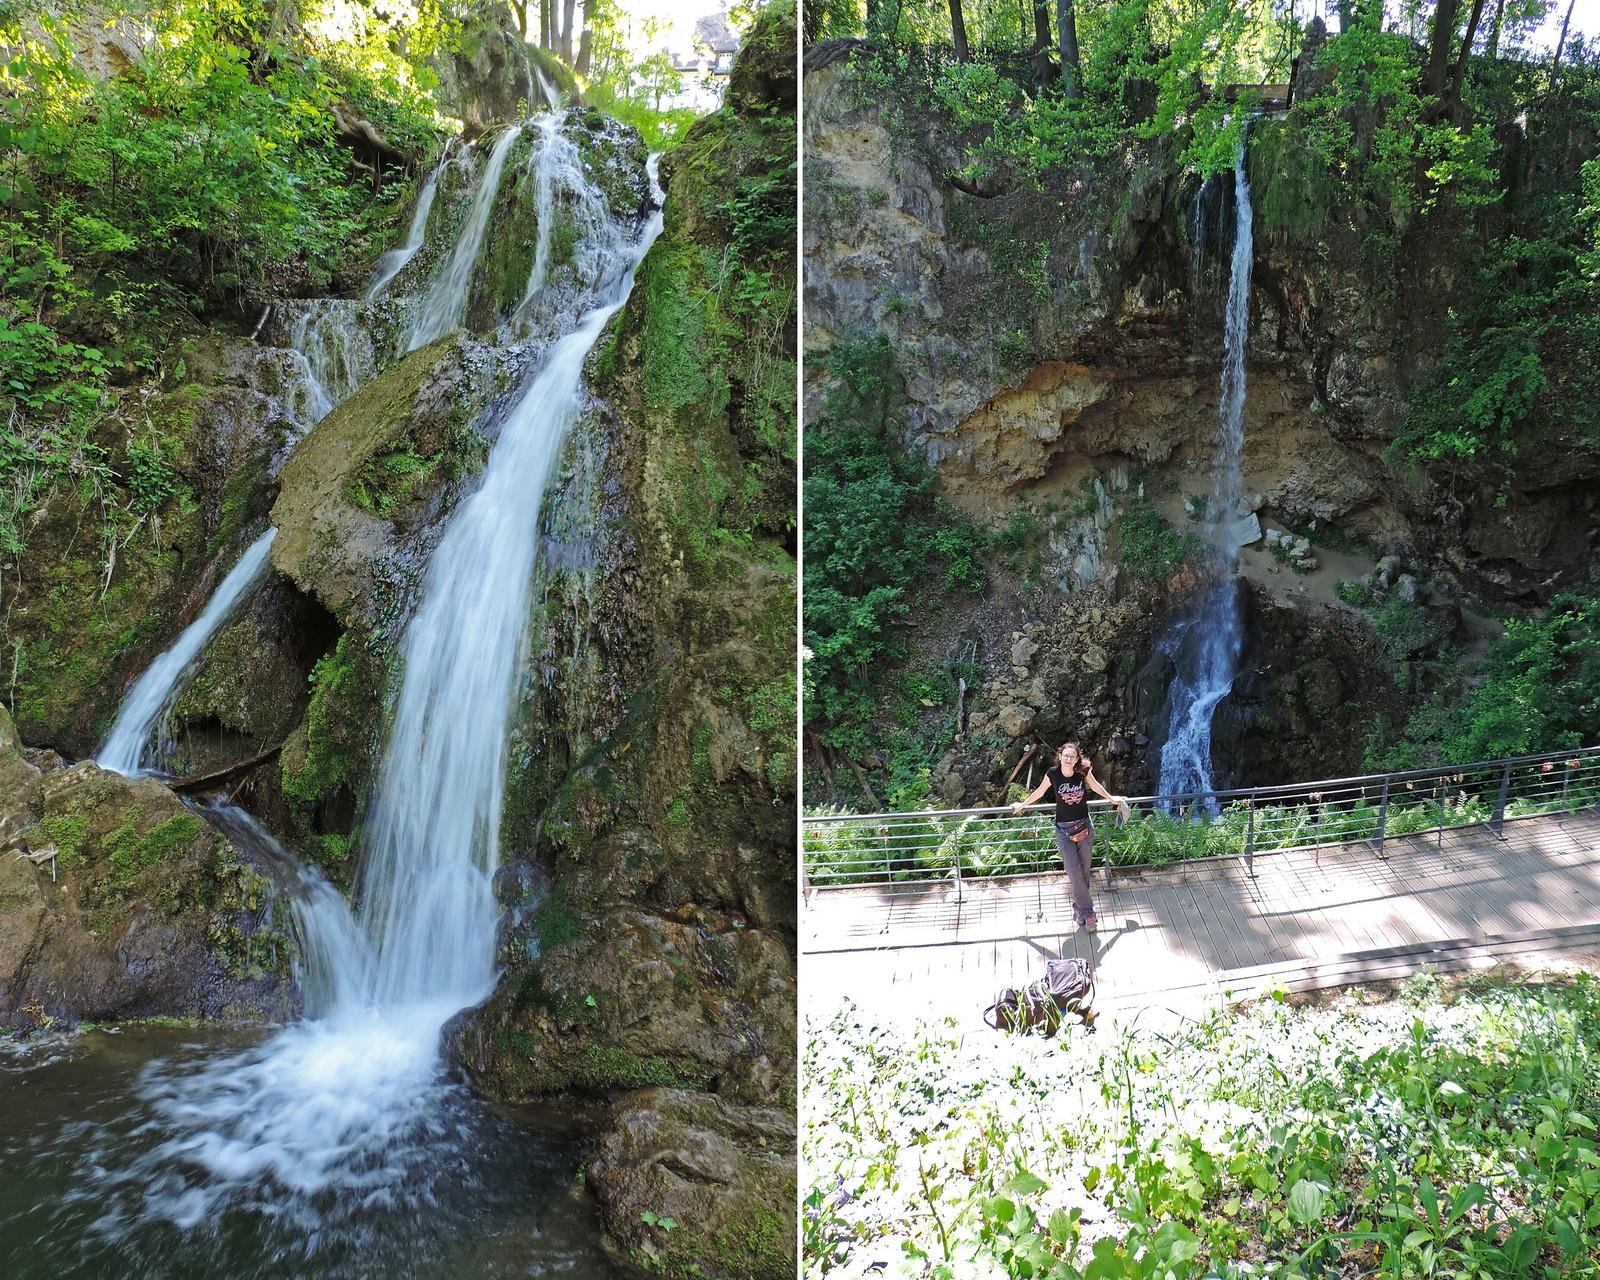 Lillafüred waterfall, Hungary